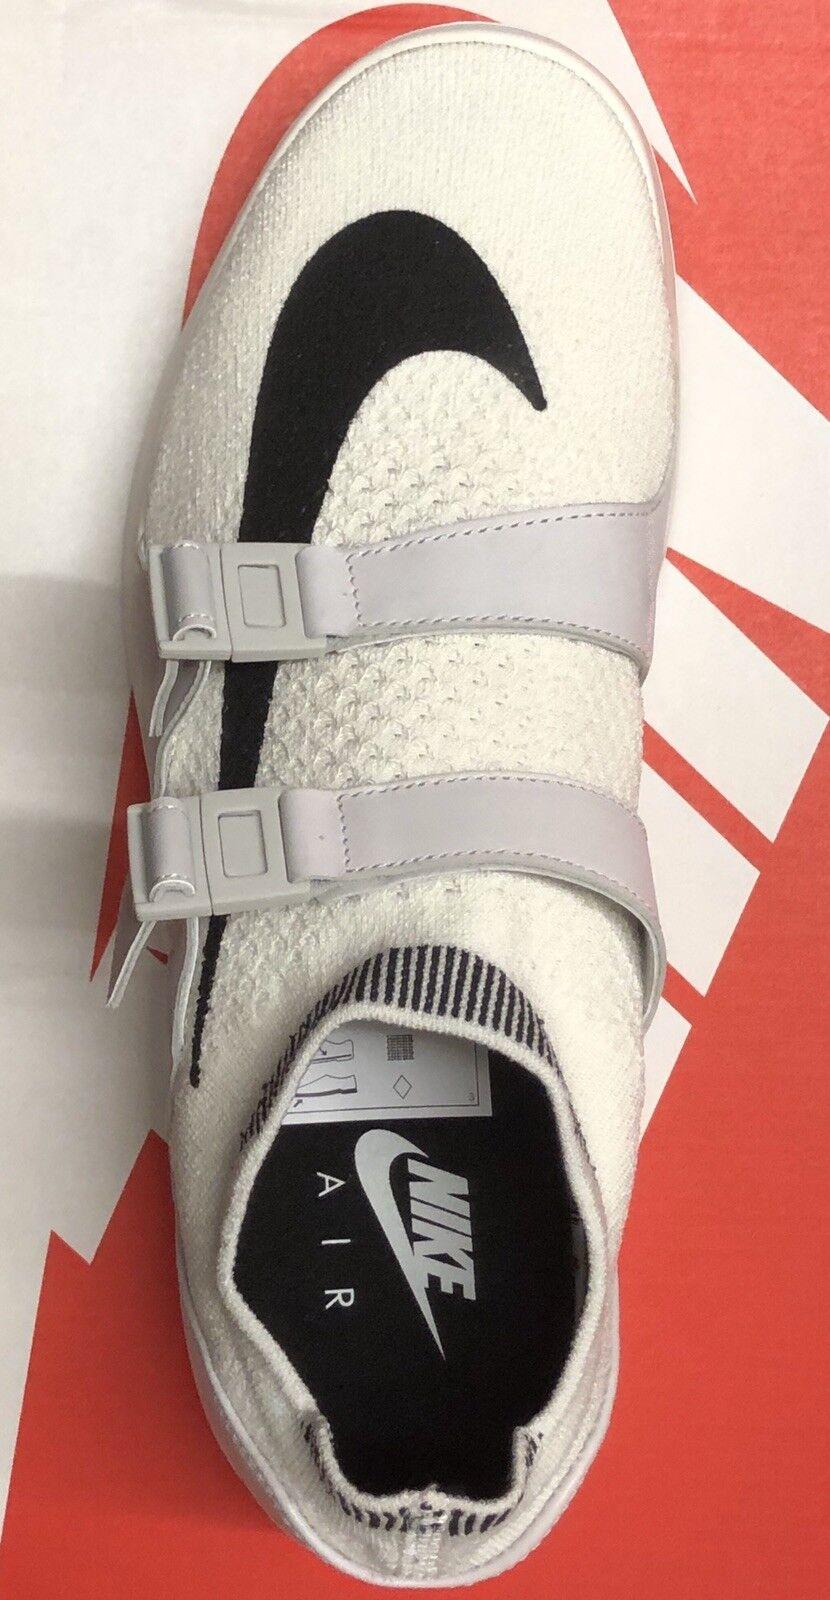 Nike NIKELAB AIR SOCKRACER FLYKNIT  TRAINERS SNEAKERS SHOES UK 8 EUR 42,5 US 9